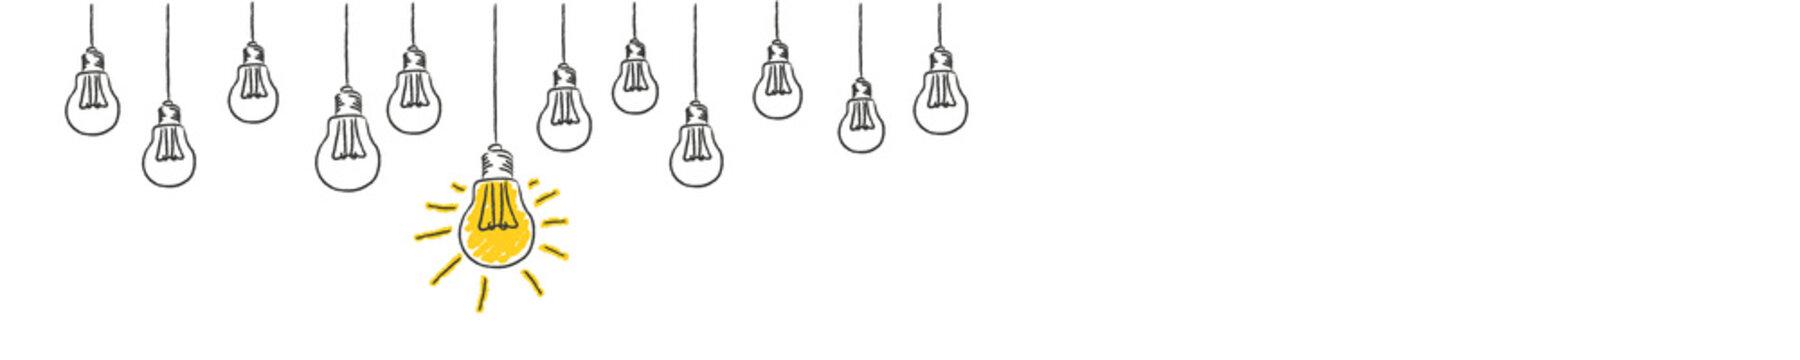 light bulbs idea conzept hanging